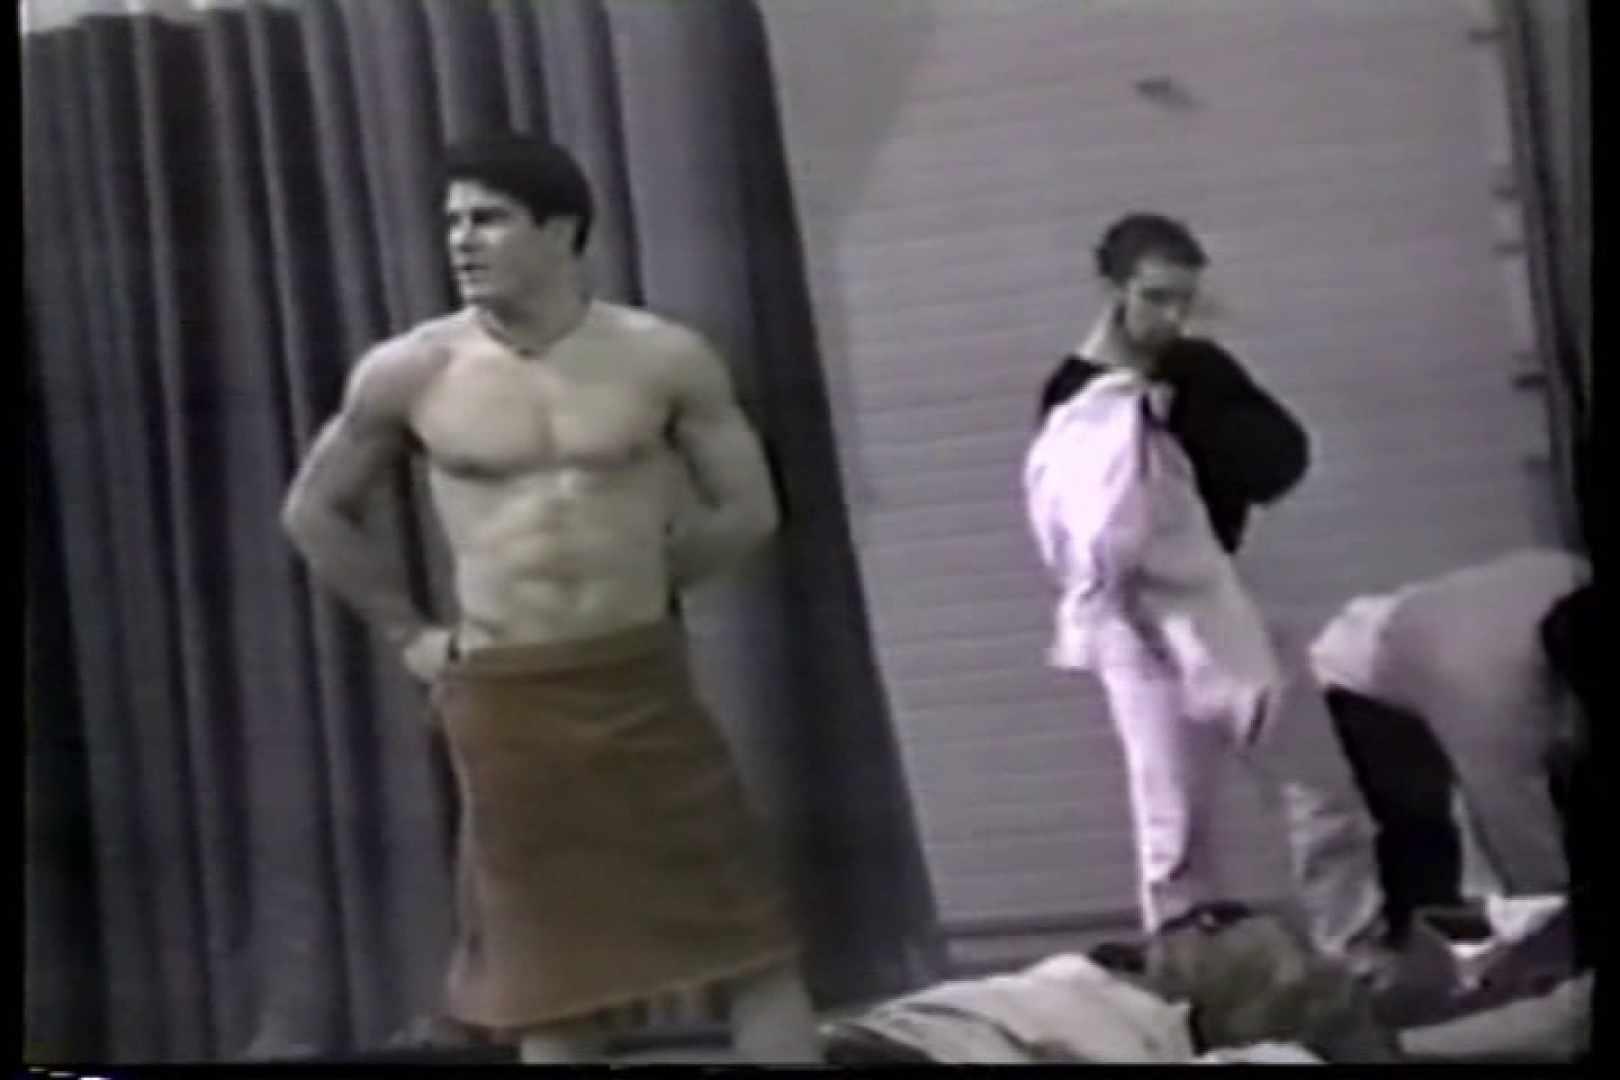 洋人さんの脱衣所を覗いてみました。VOL.5 ボーイズ覗き | ガチムチマッチョ系  80pic 11